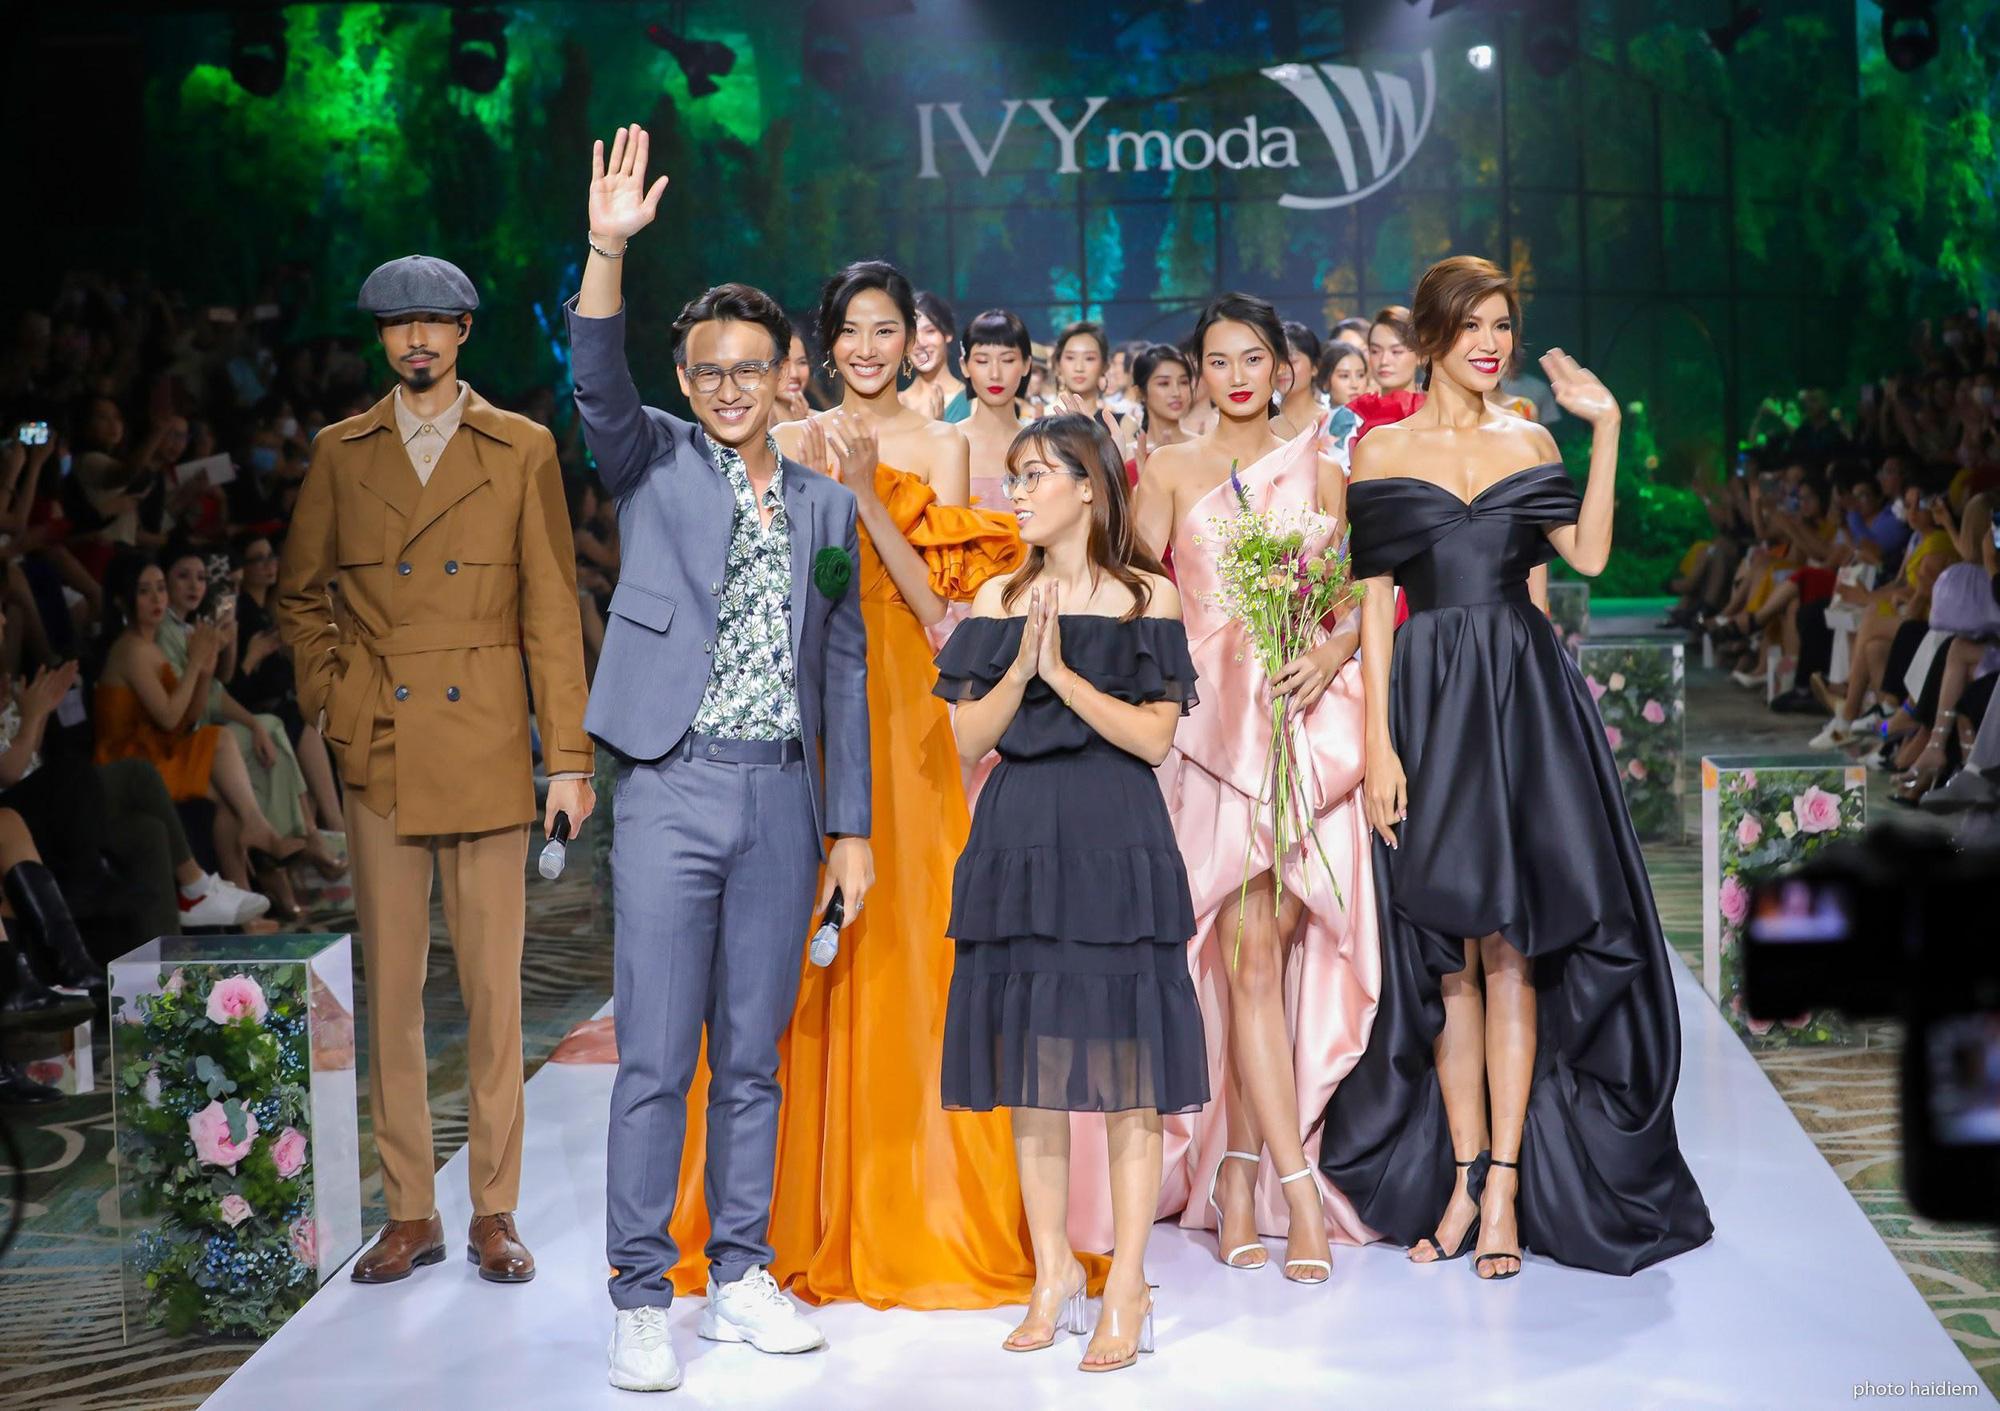 5 điểm nhấn đắt giá trong show diễn tràn đầy đam mê của IVY moda - Ảnh 5.